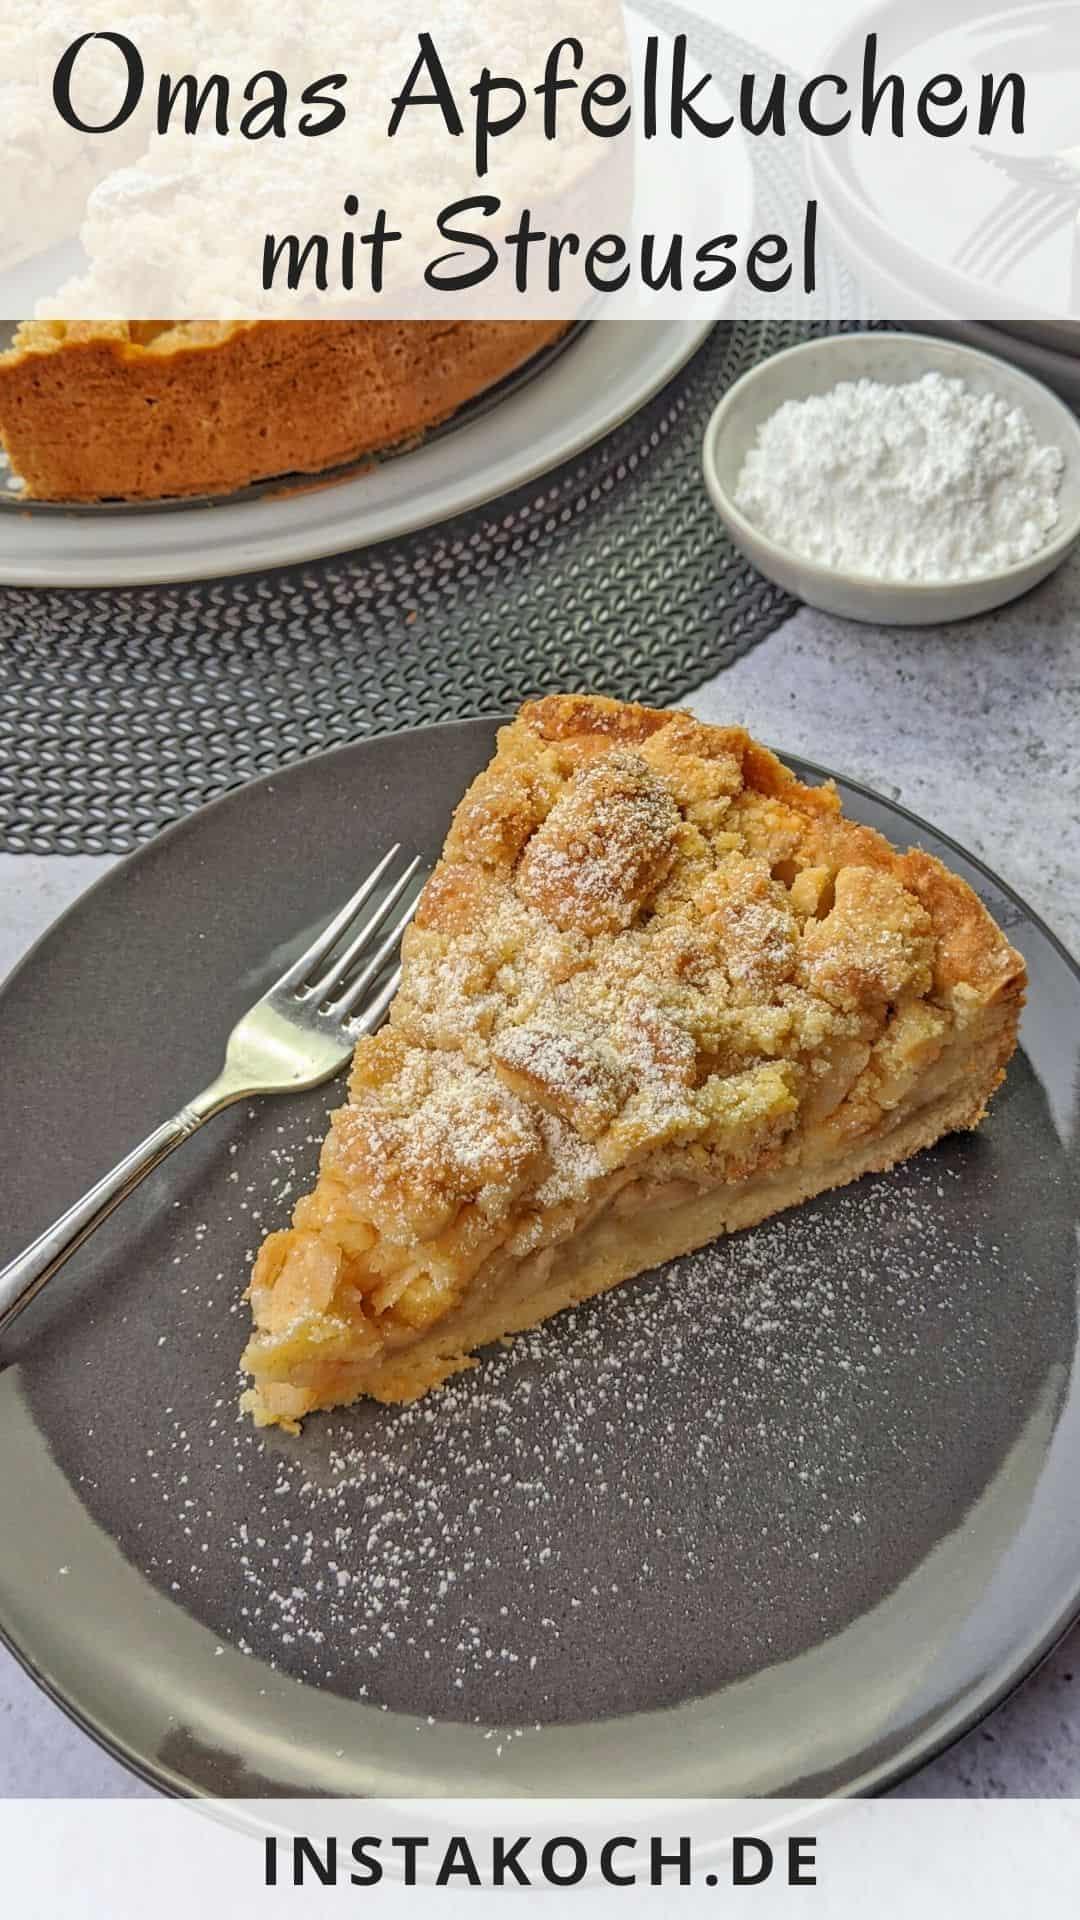 Ein Stück Apfelkuchen mit Streusel auf einem Teller. Dahinter der angeschnittene Apfelkuchen, Äpfel in einer Schale, Teller und Puderzucker als Deko.